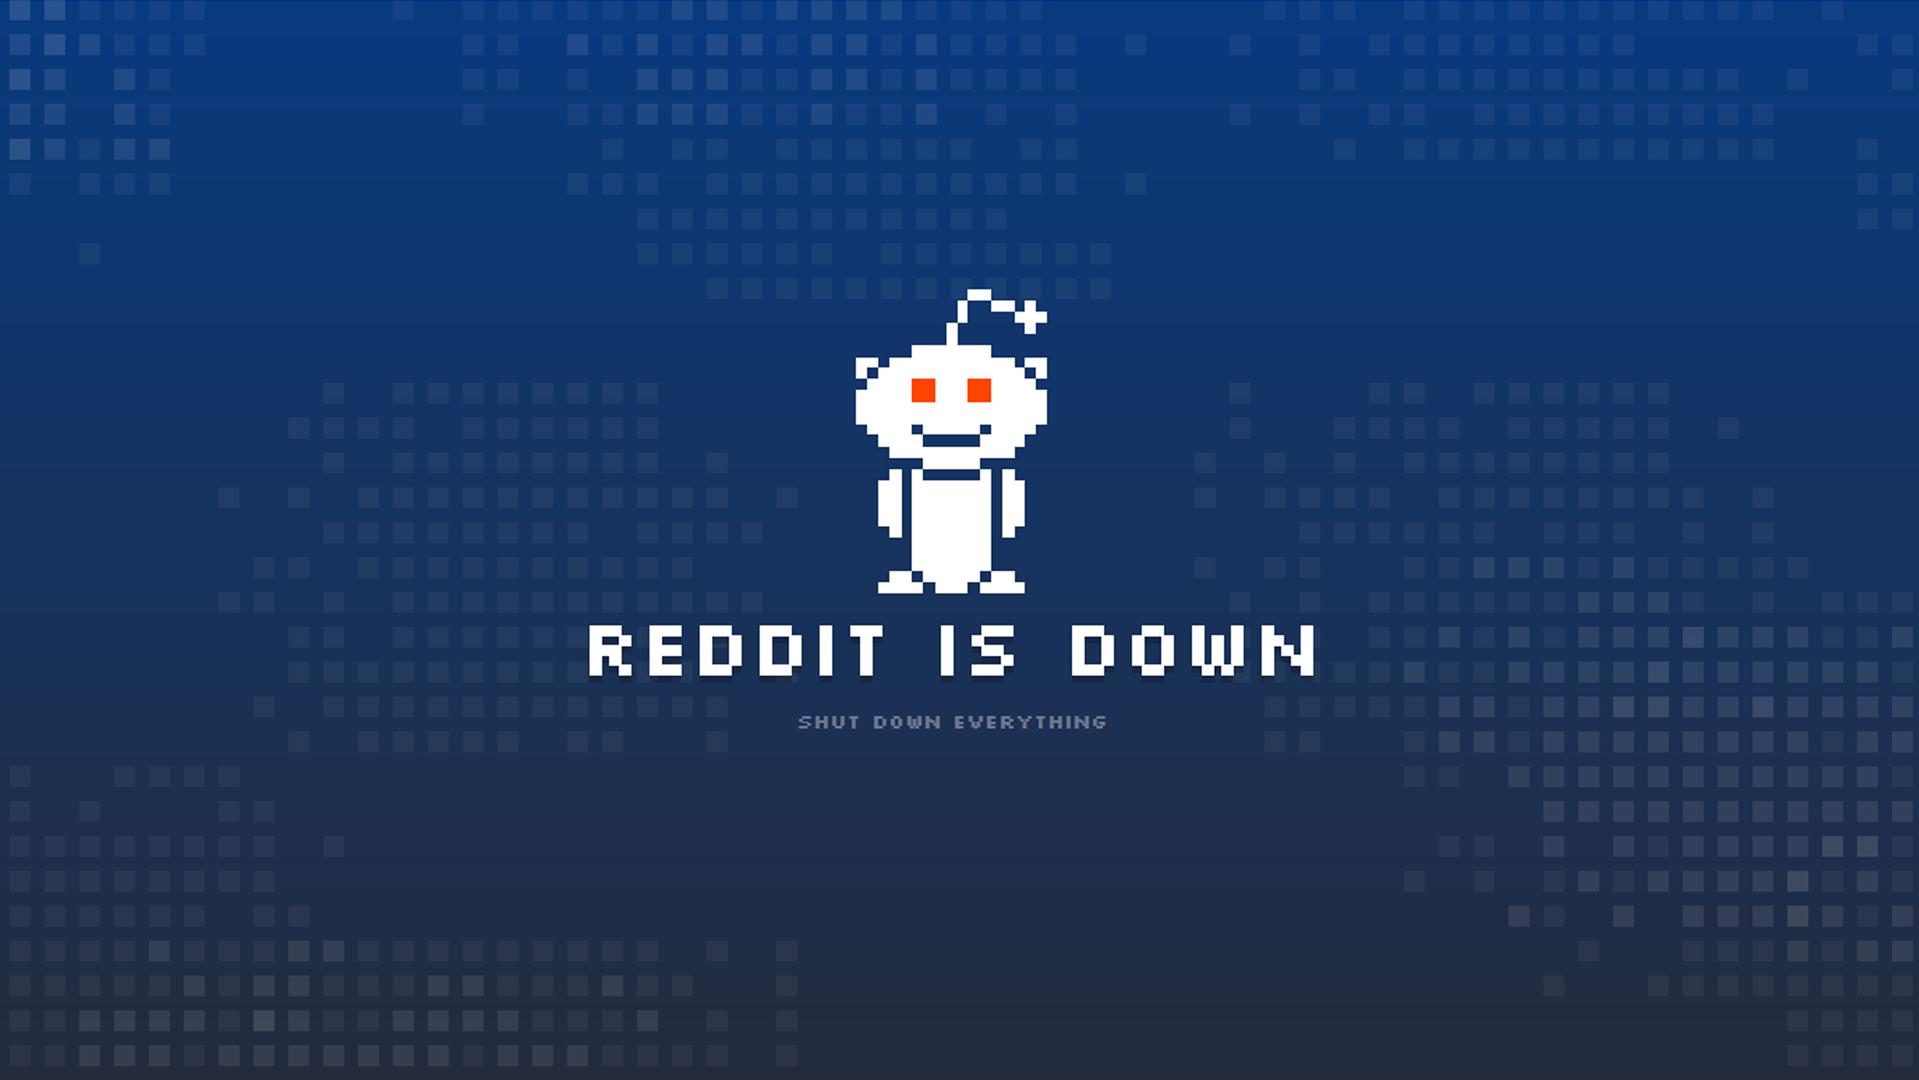 Reddit Is Down.png